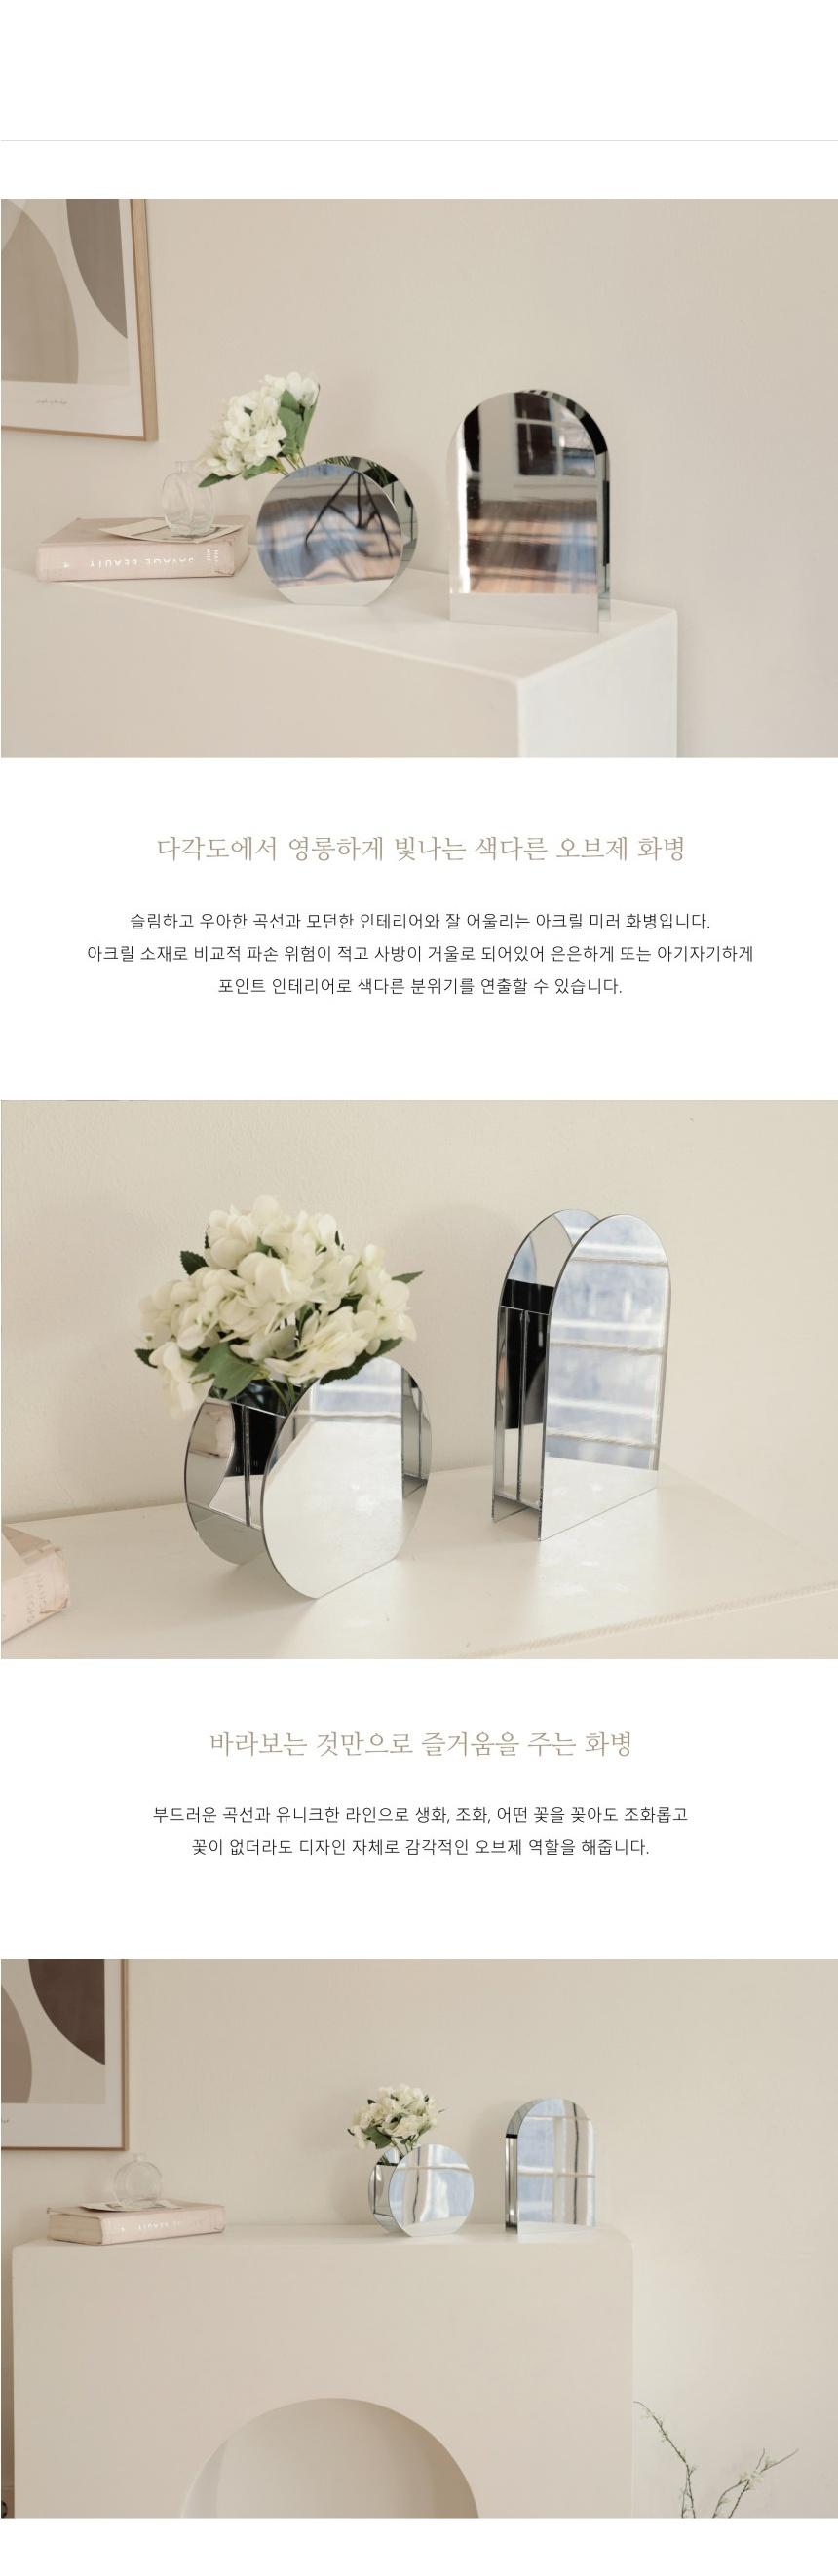 acrylic_mirror_vase_02.jpg